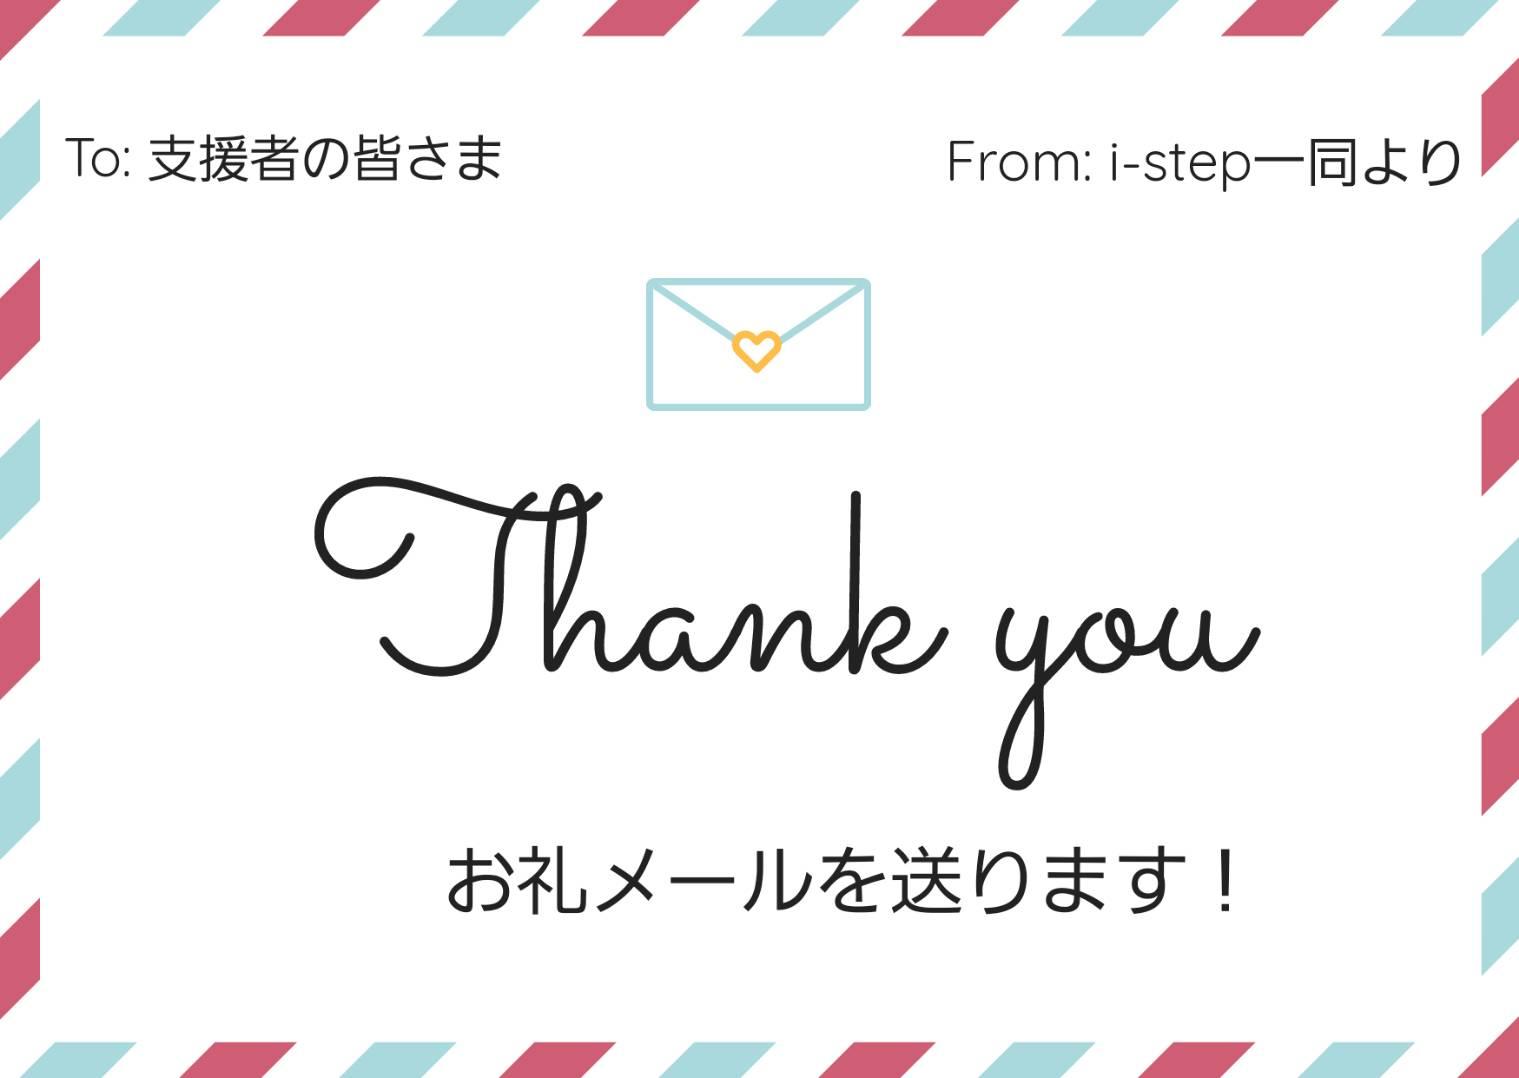 ・感謝の気持ちとして、インターンの学生及びi-step株式会社から、お礼のメールを送らせていただきます。 ・ご支援いただいた方のお名前を、お礼の意味を込めてi-stepのホームページ上に記載させていただきます。(希望者のみ) ※ご利用のメールアドレスによってはお礼のメールが「迷惑メールフォルダ」に入ってしまう場合があります。迷惑メールフォルダに手続き用のメールが届いていないかご確認ください。ドメイン指定受信をされている方は(info@istep.co.jp)からのメールを受信可能に設定してください。 ※ホームページへの名前記載の希望者の方はお礼のメールに詳細を記載します。ご確認ください。